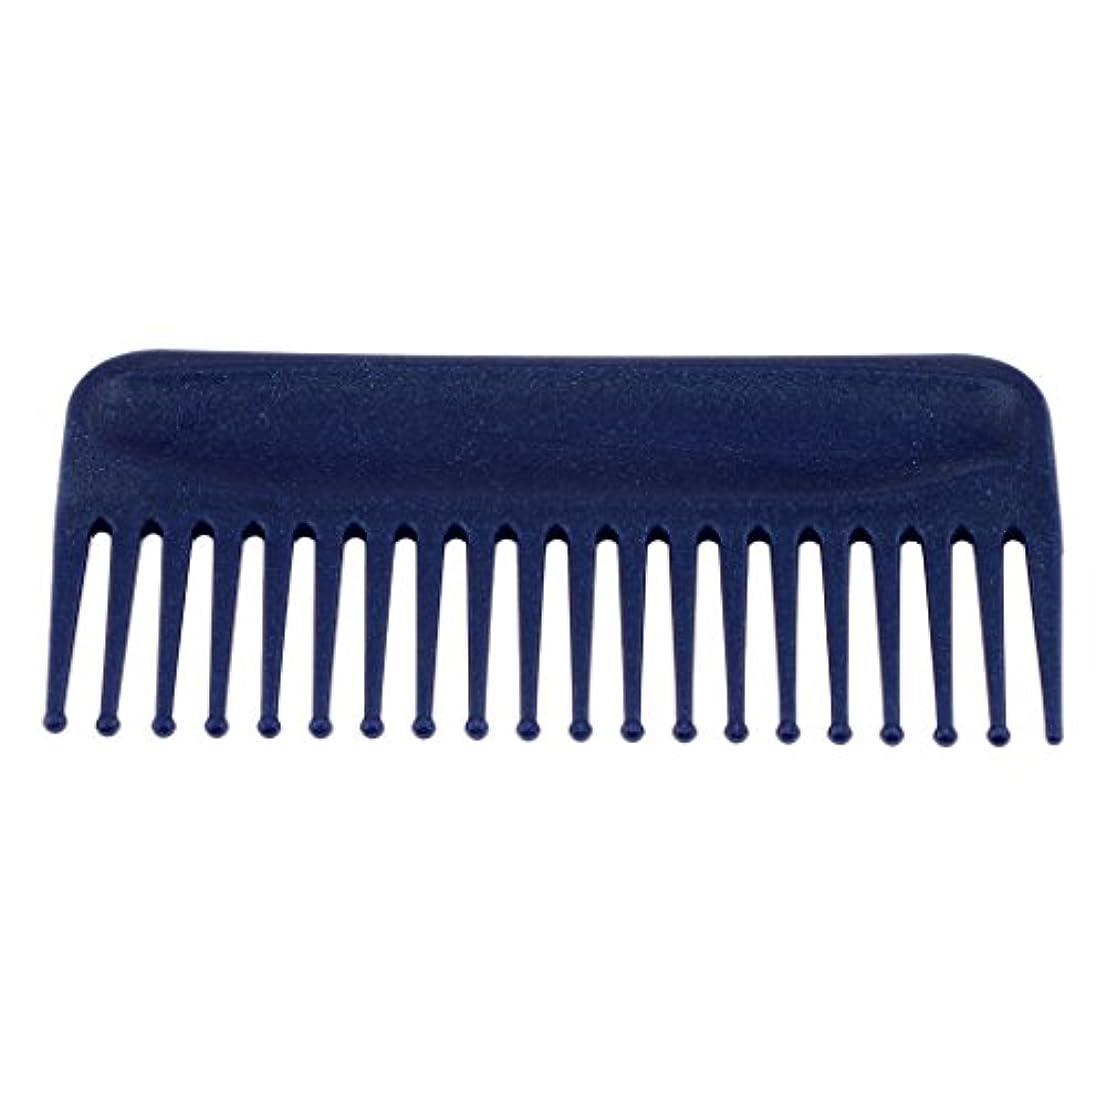 状況行うしょっぱいヘアコーム サロン ヘアケア 脱毛ヘアコーム ヘアブラシ 耐熱性 帯電防止 頭皮 マッサージ 丸いヘッド 4色選べる - 青